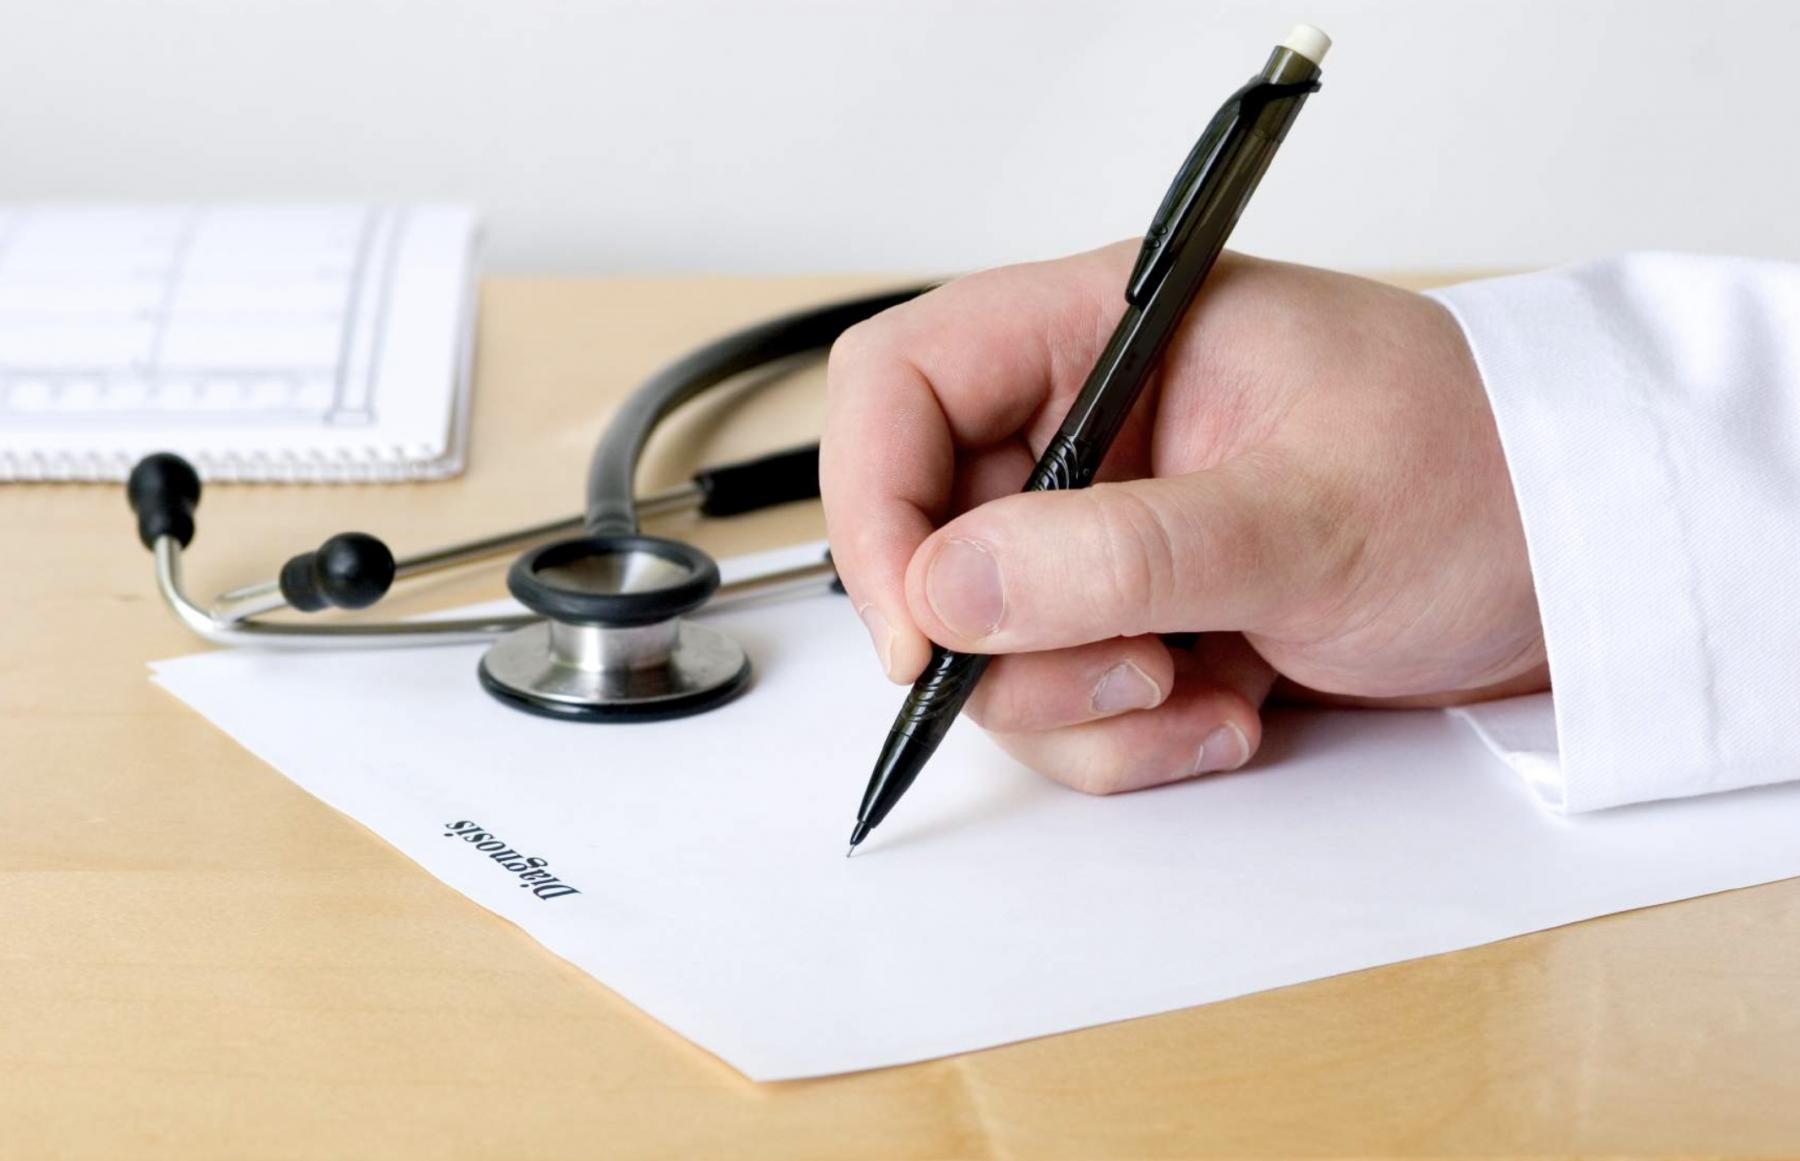 Ένωση Ασθενών: Ηλεκτρονική συνταγογράφηση μη αποζημιούμενων φαρμάκων